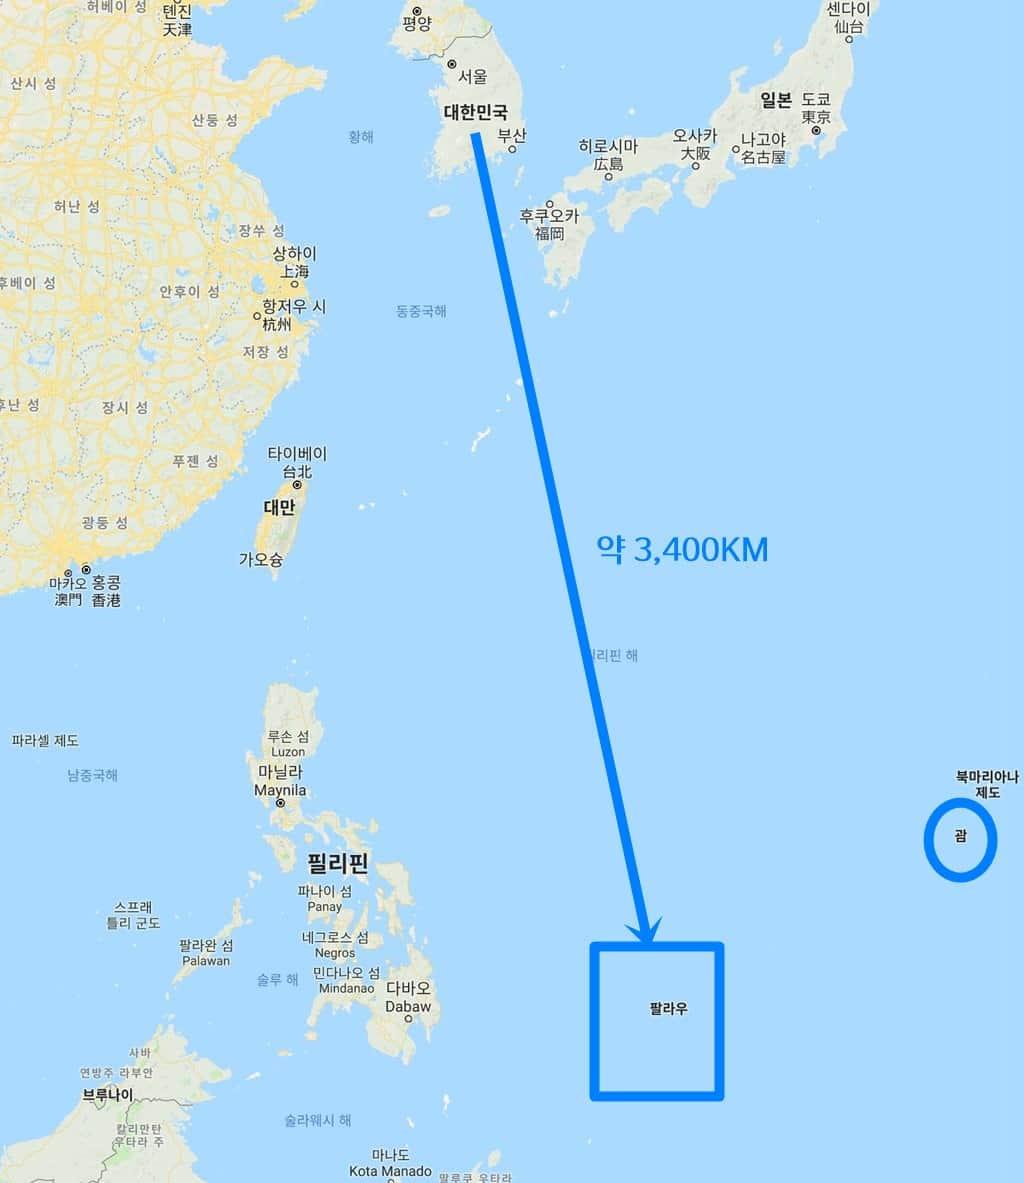 한국에서 팔라우까지 거리 대만 일본 필리핀 팔라우 괌 지도